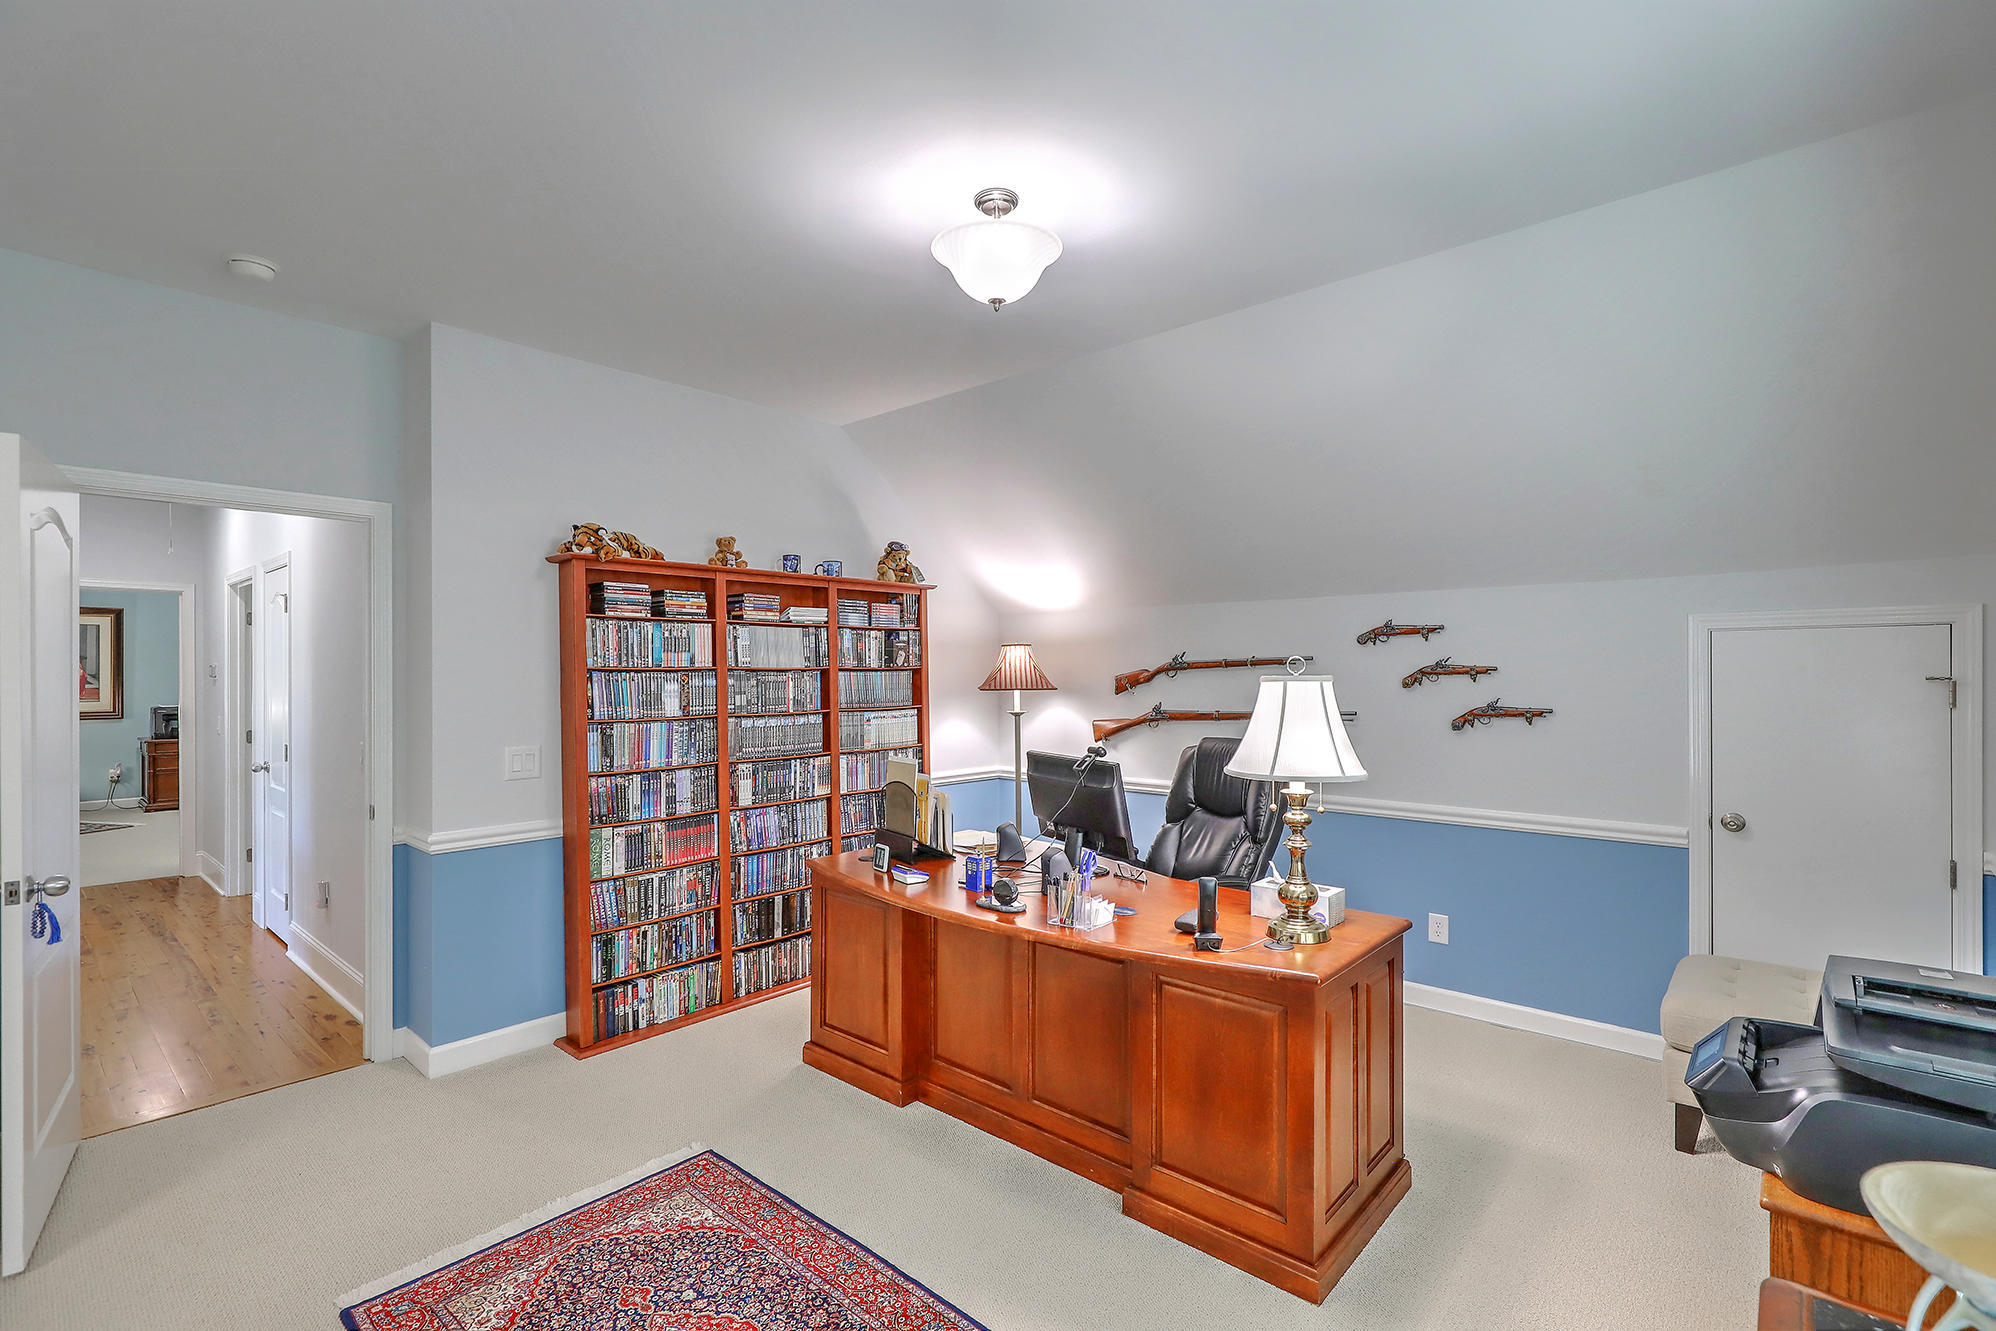 Park West Homes For Sale - 2108 Malcolm, Mount Pleasant, SC - 47